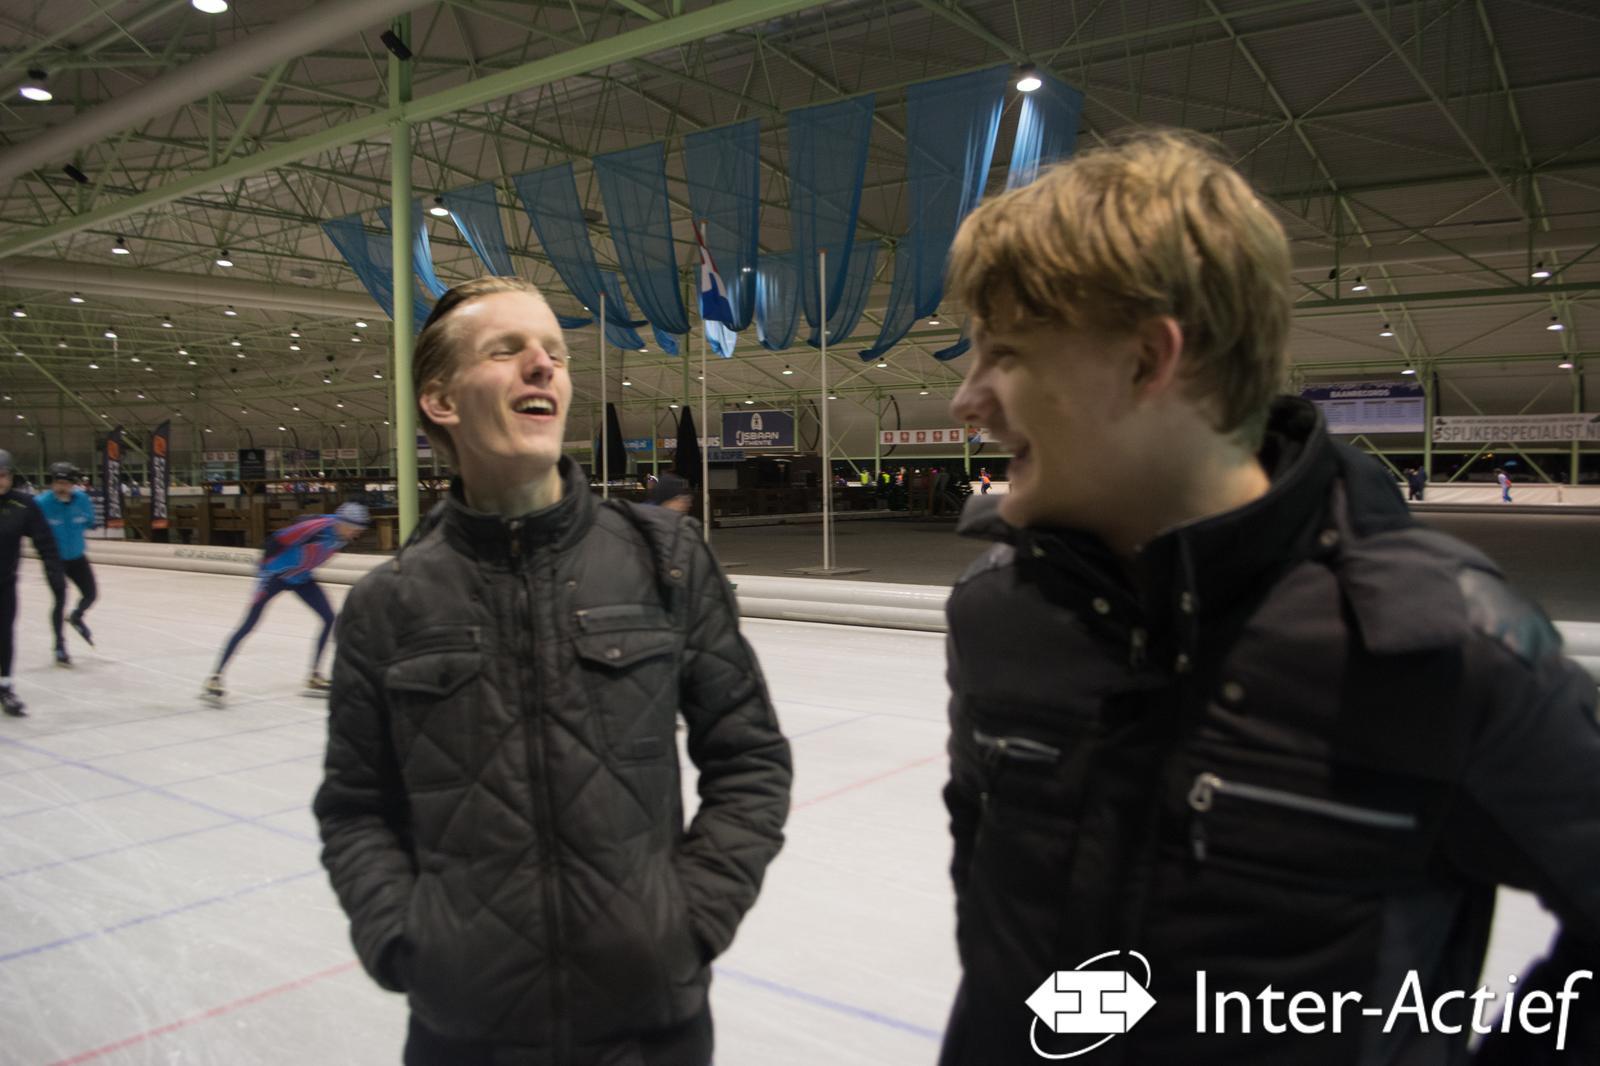 IceSkating20200116_NielsdeGroot-14.jpg